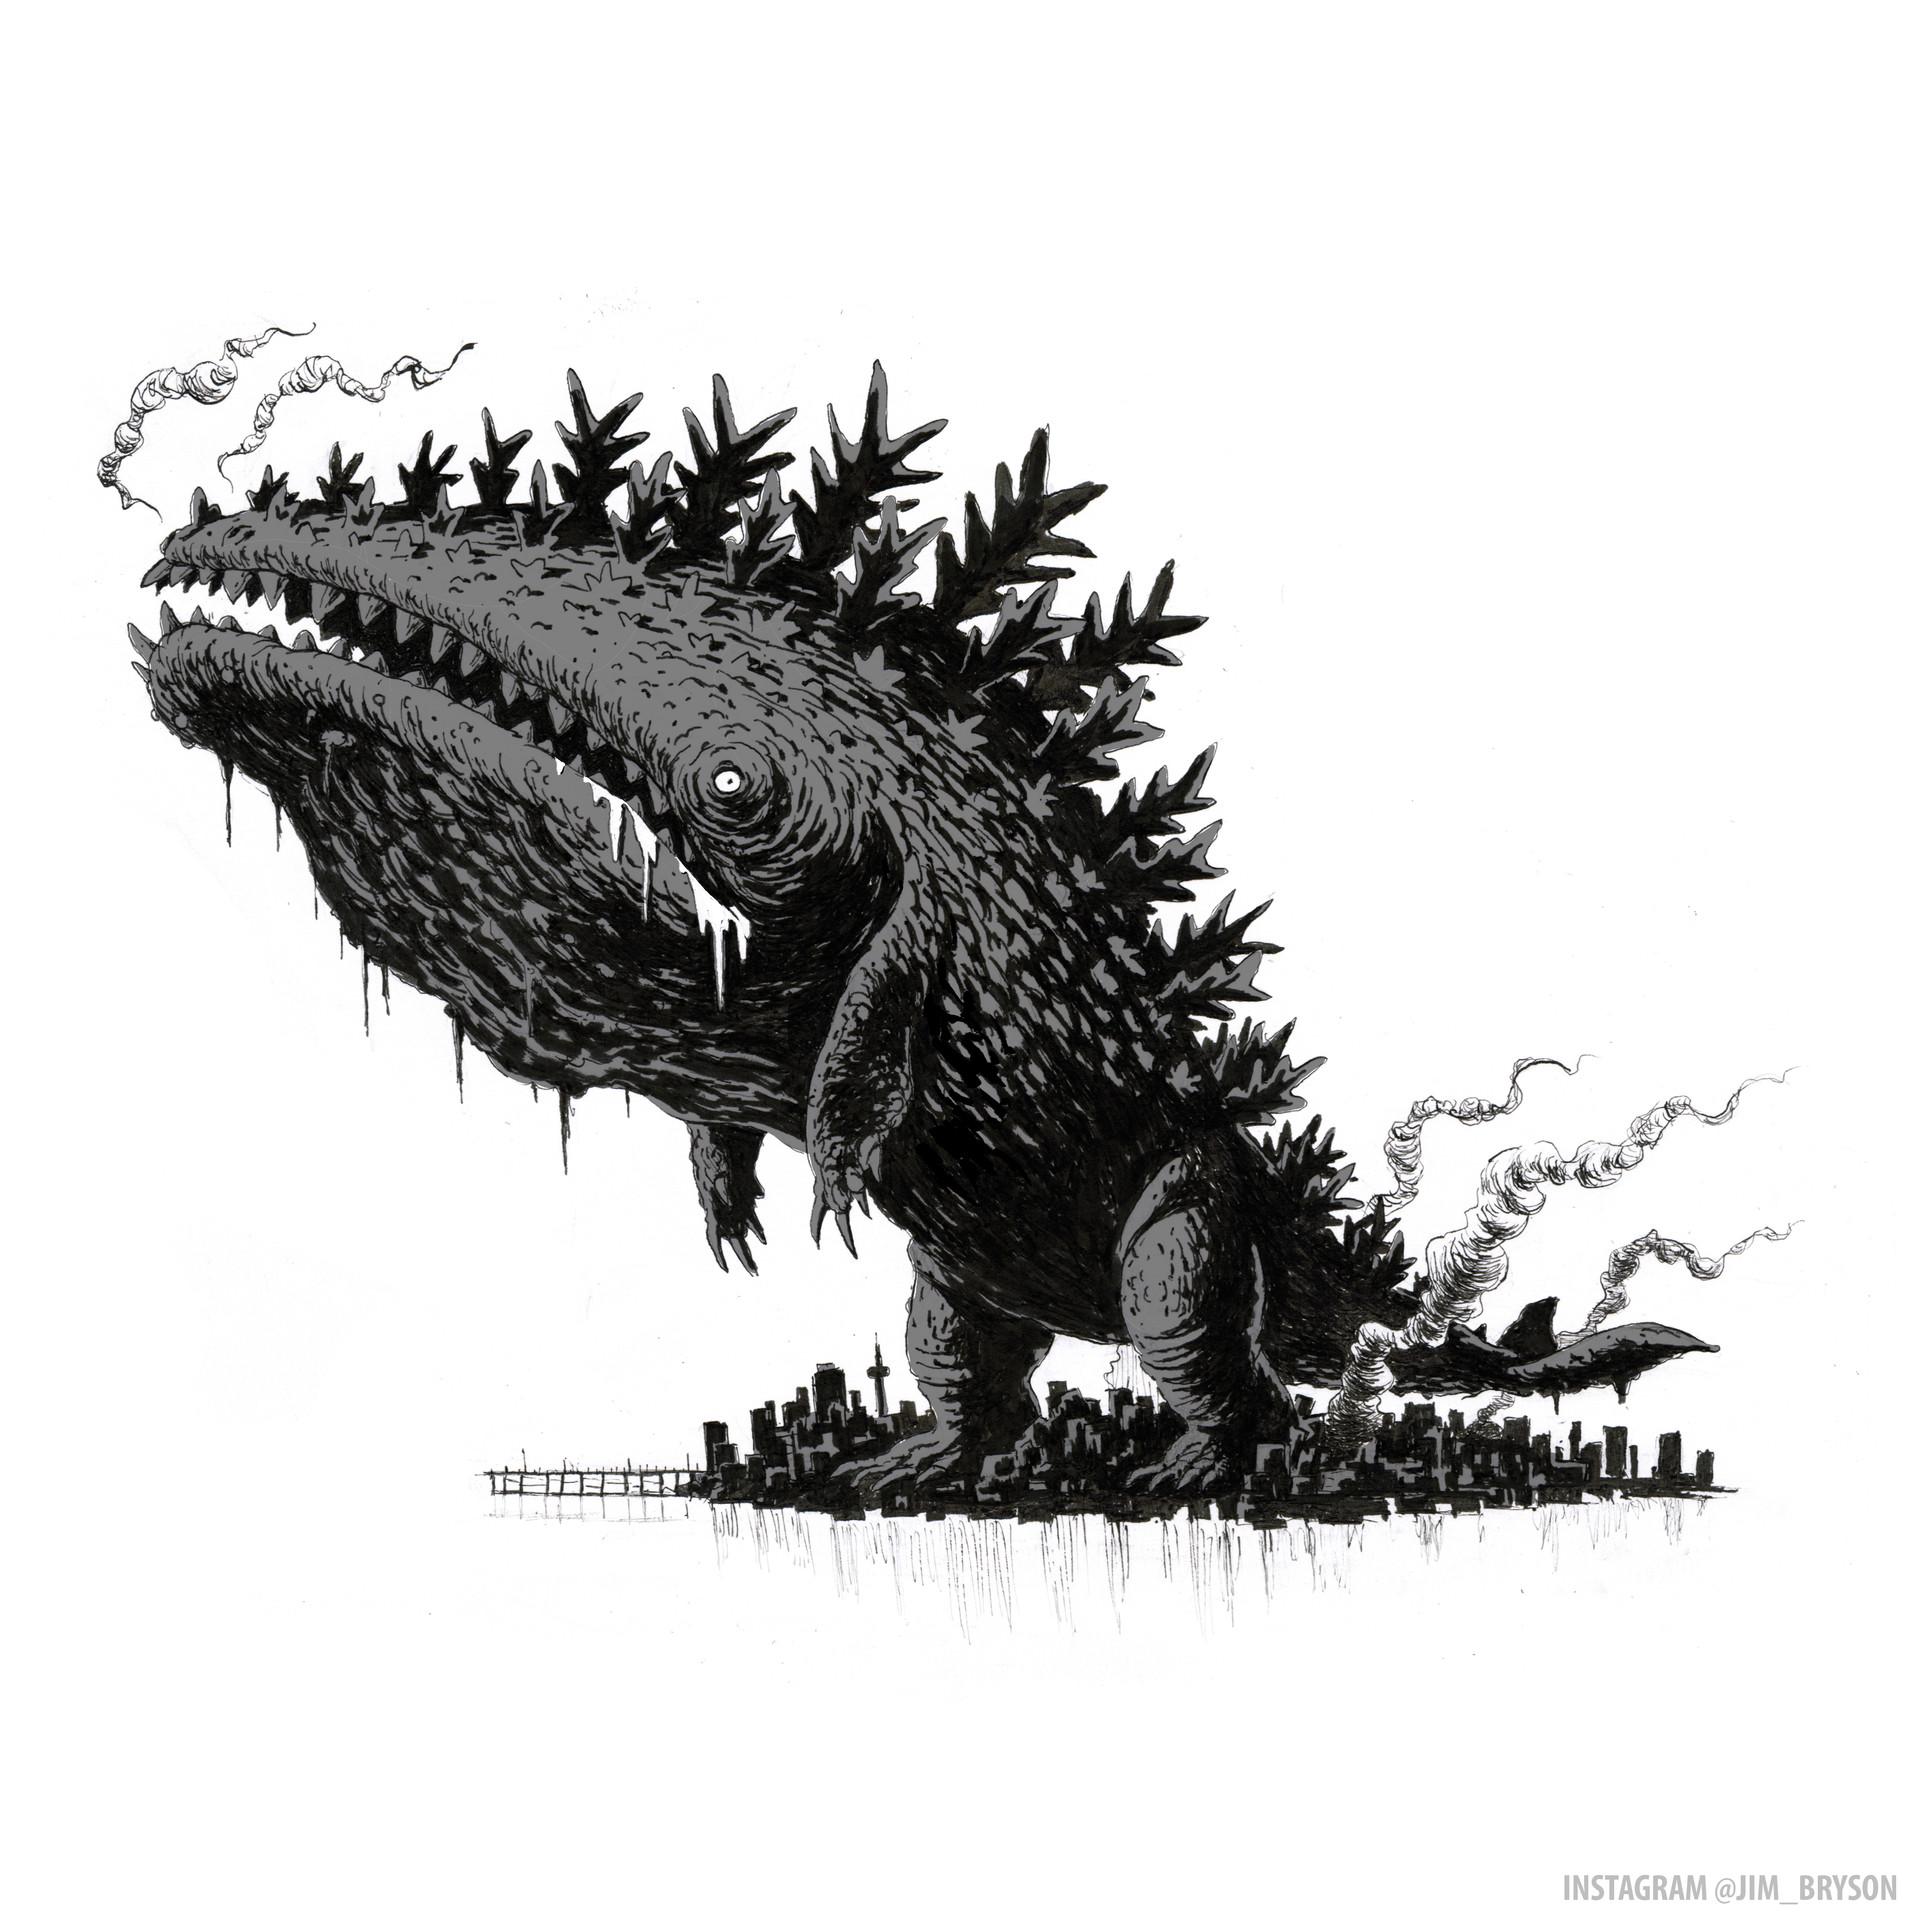 Jim bryson 12 whale 01